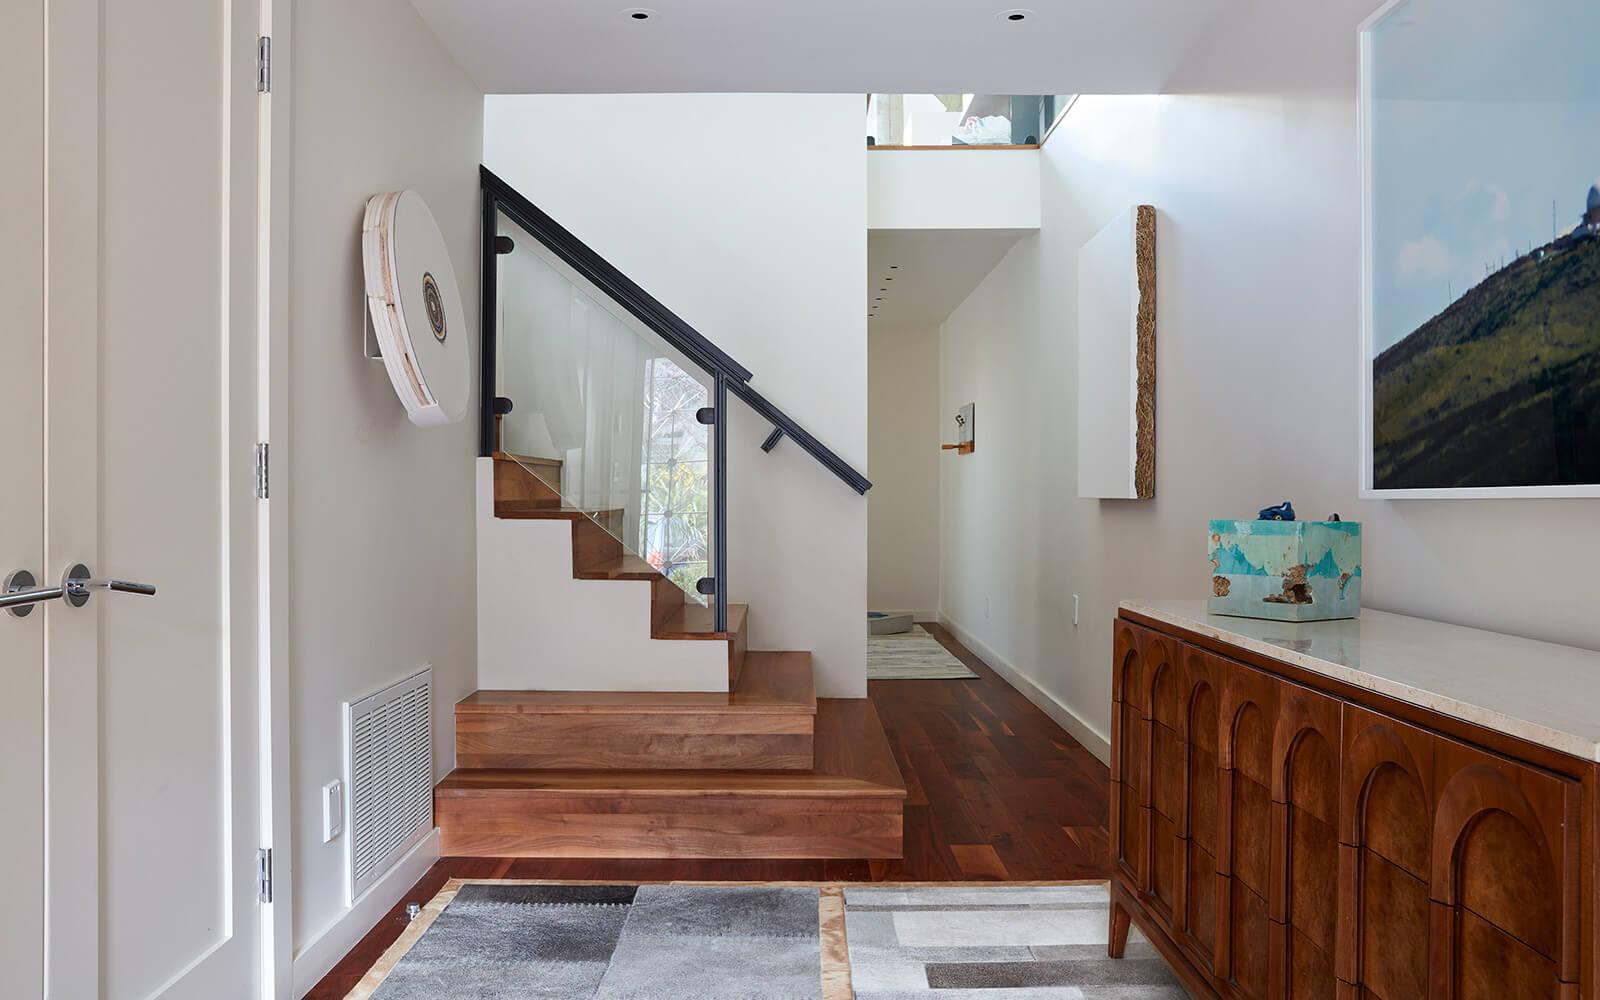 studio vara residential 21st street stairs